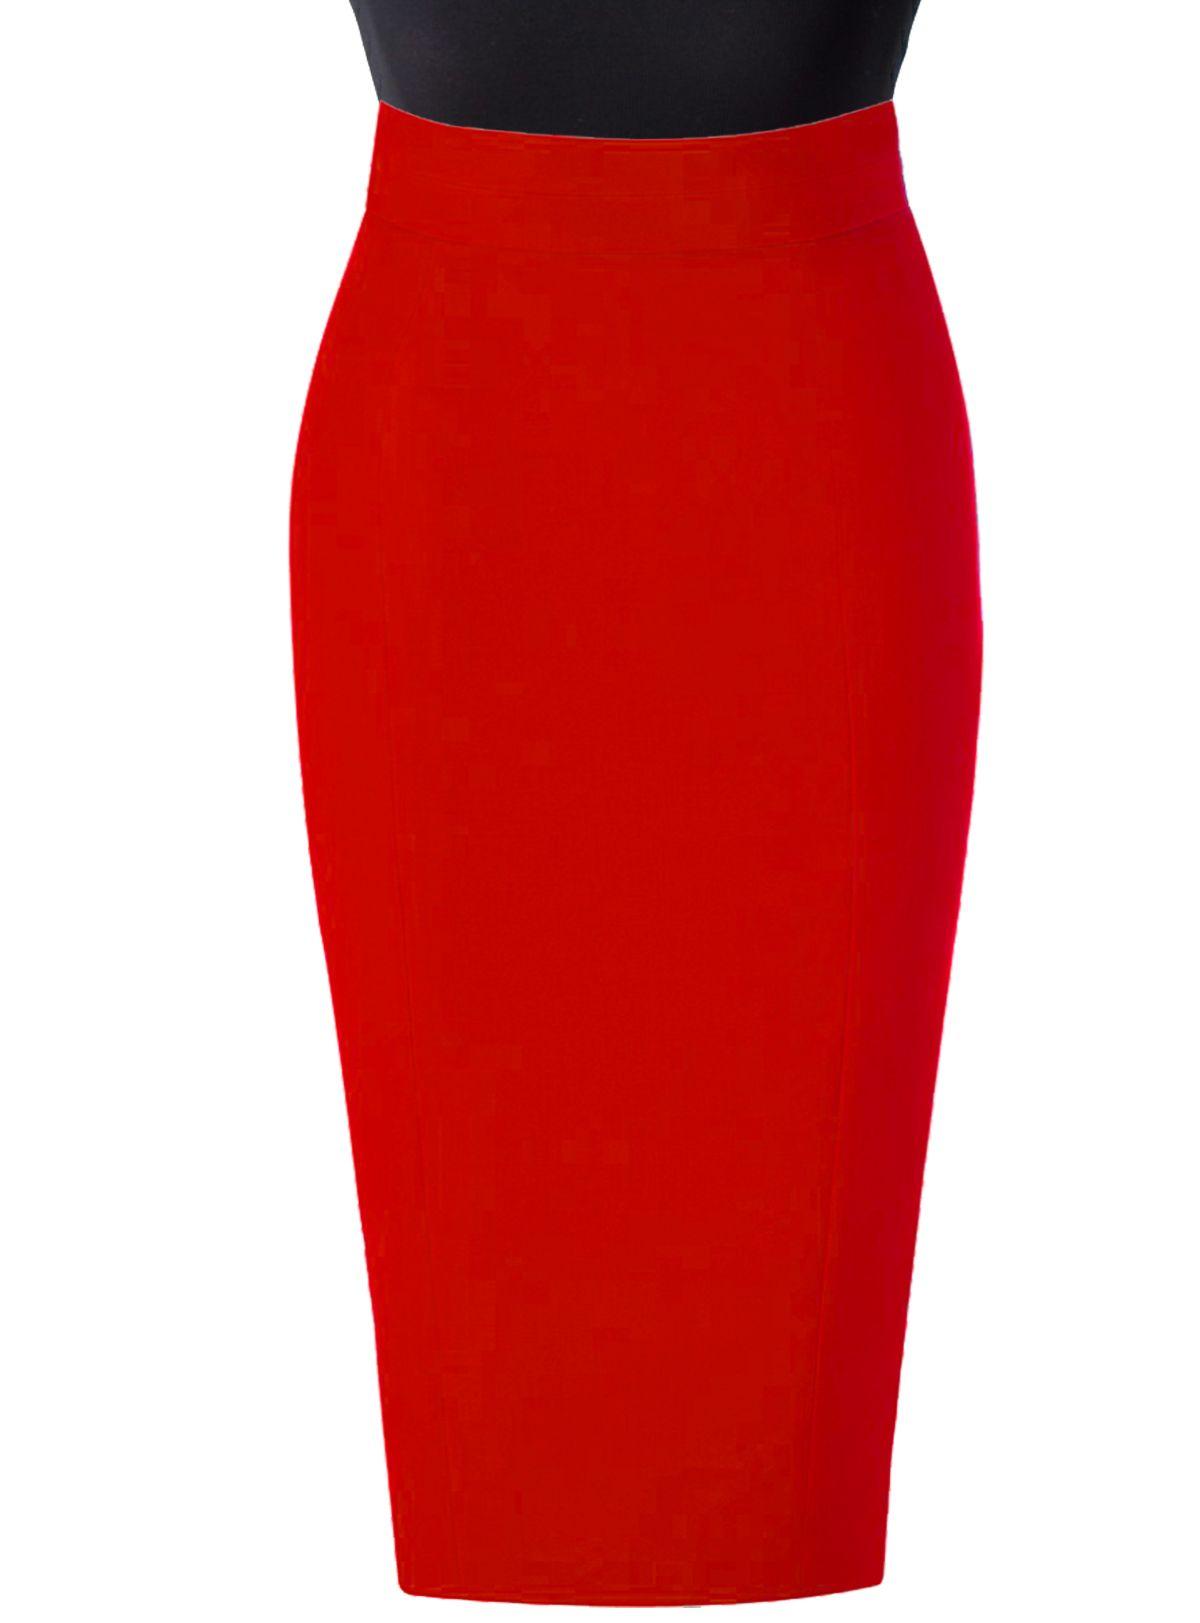 4babb7a528 Red Linen High waist pencil skirt | Custom made Skirts | High ...